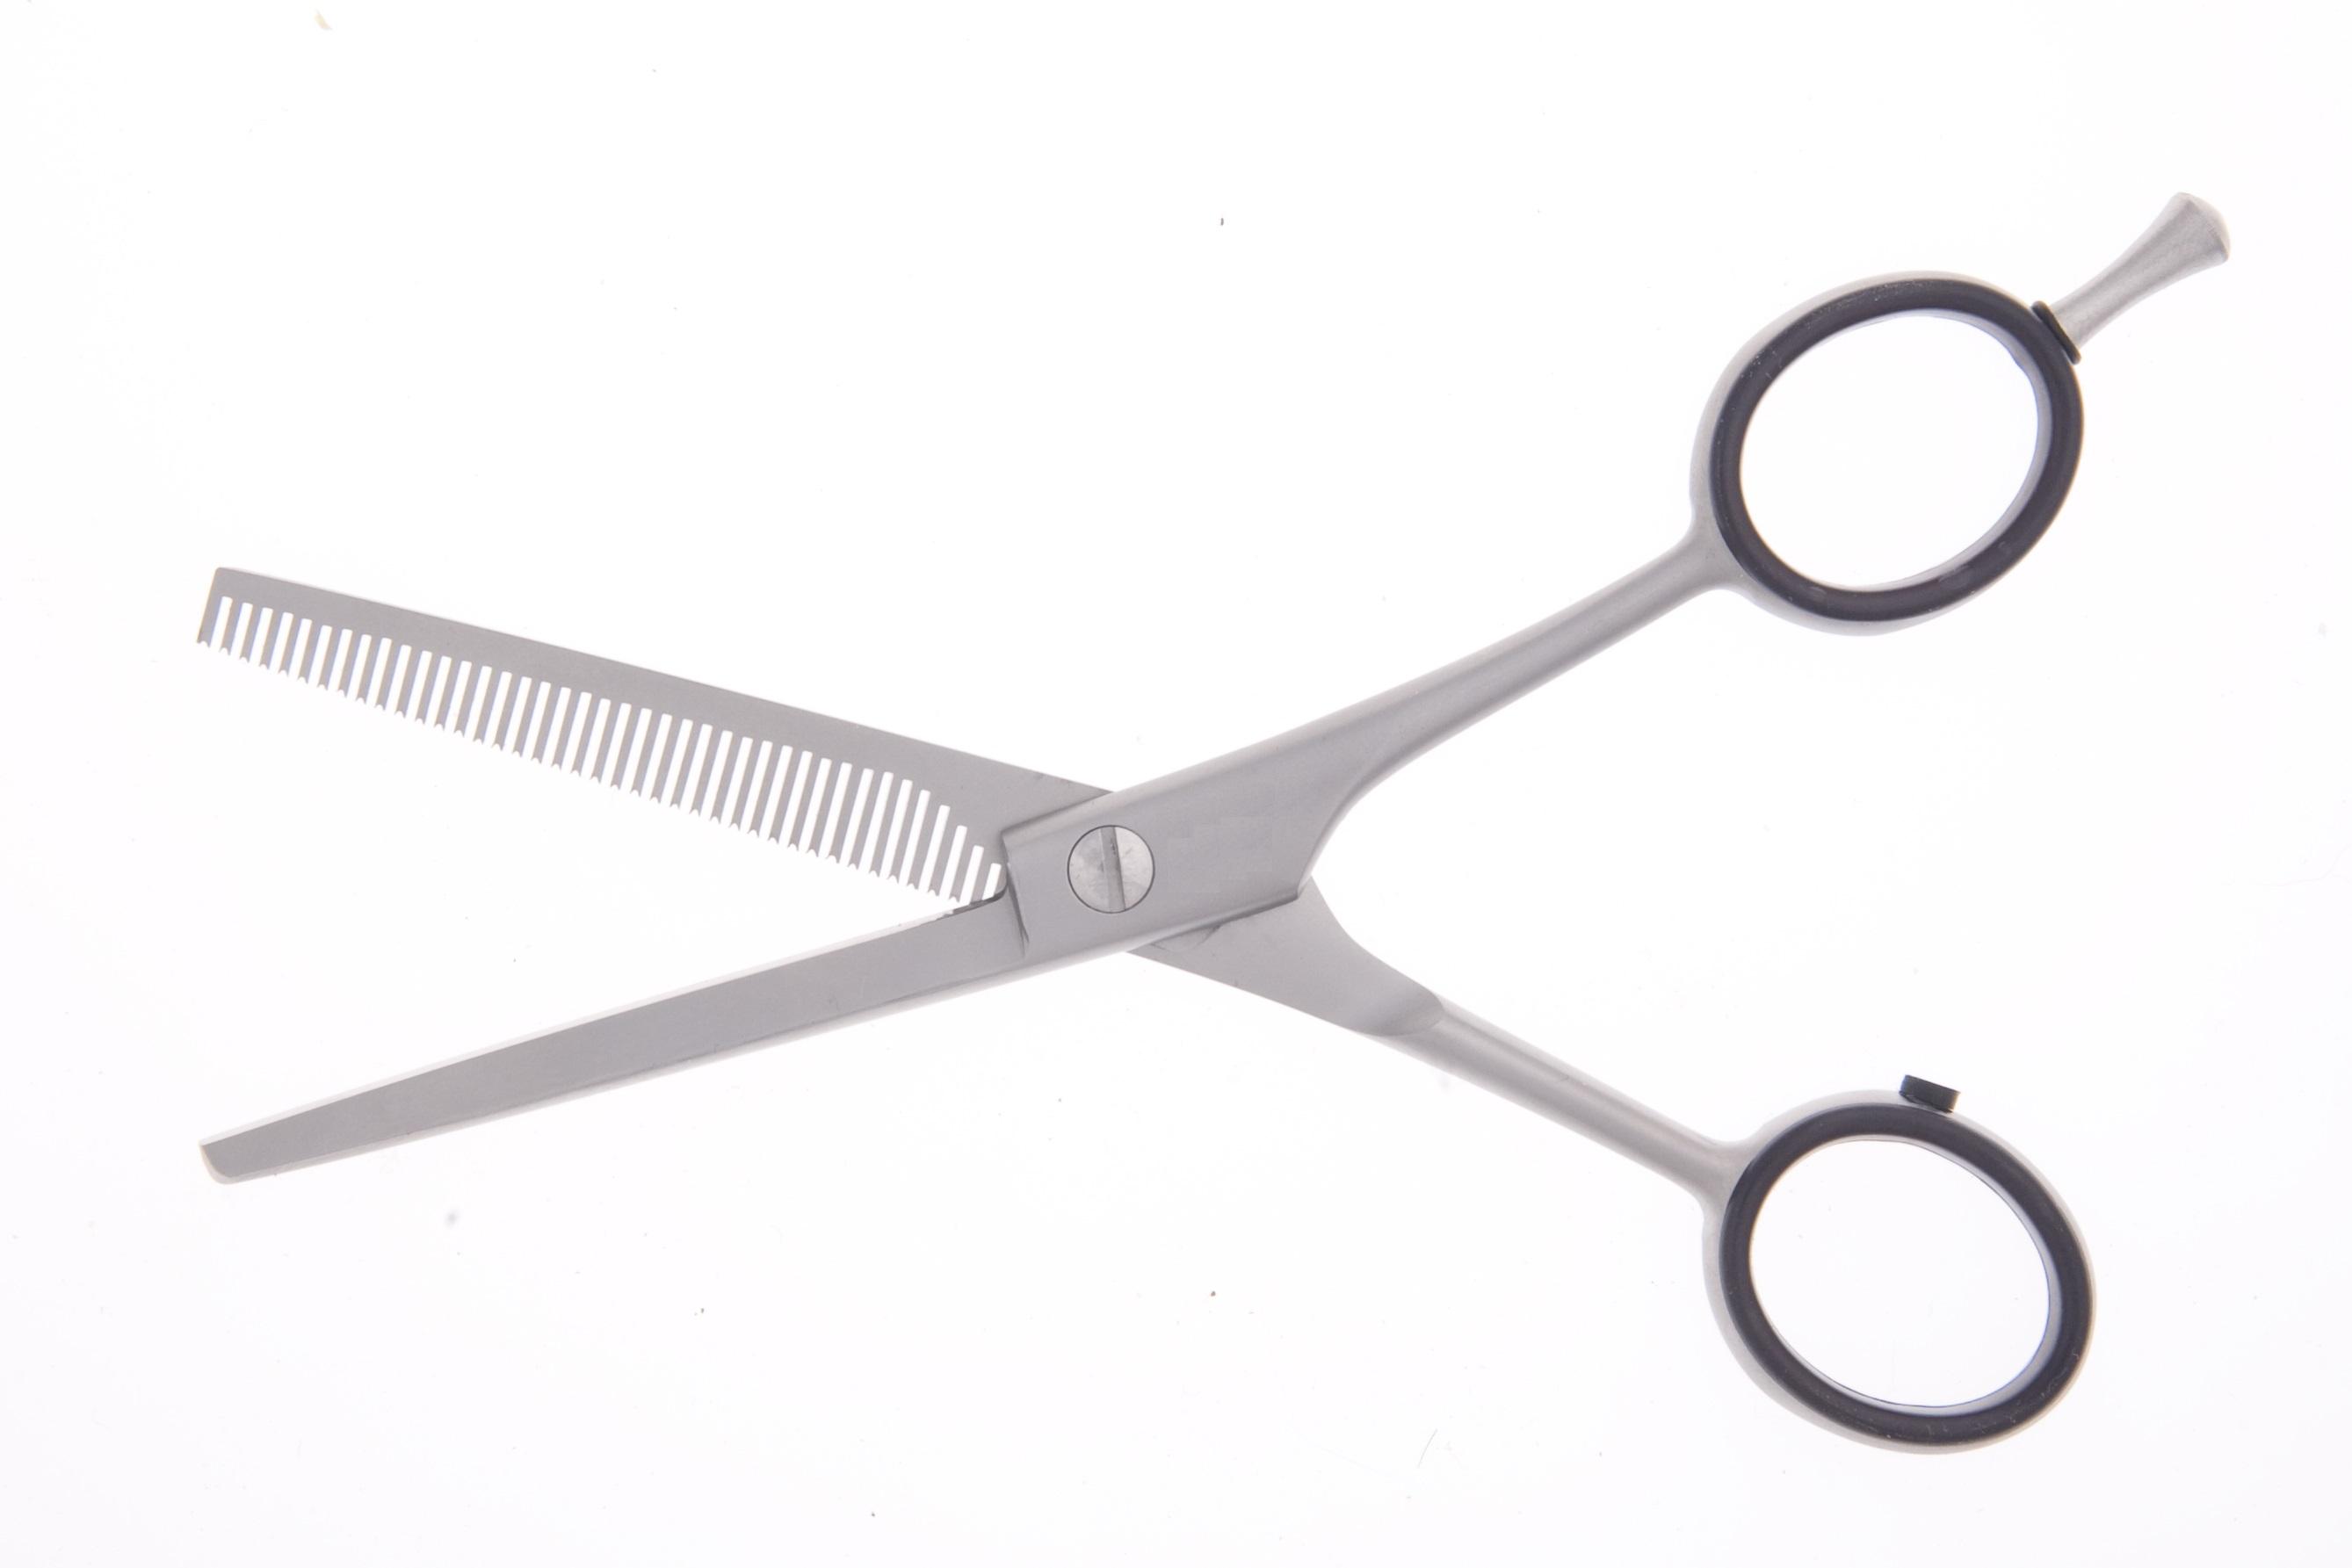 16,0 cm - 40 Zähne, Einseitig (Modelierschere), Rundhalm